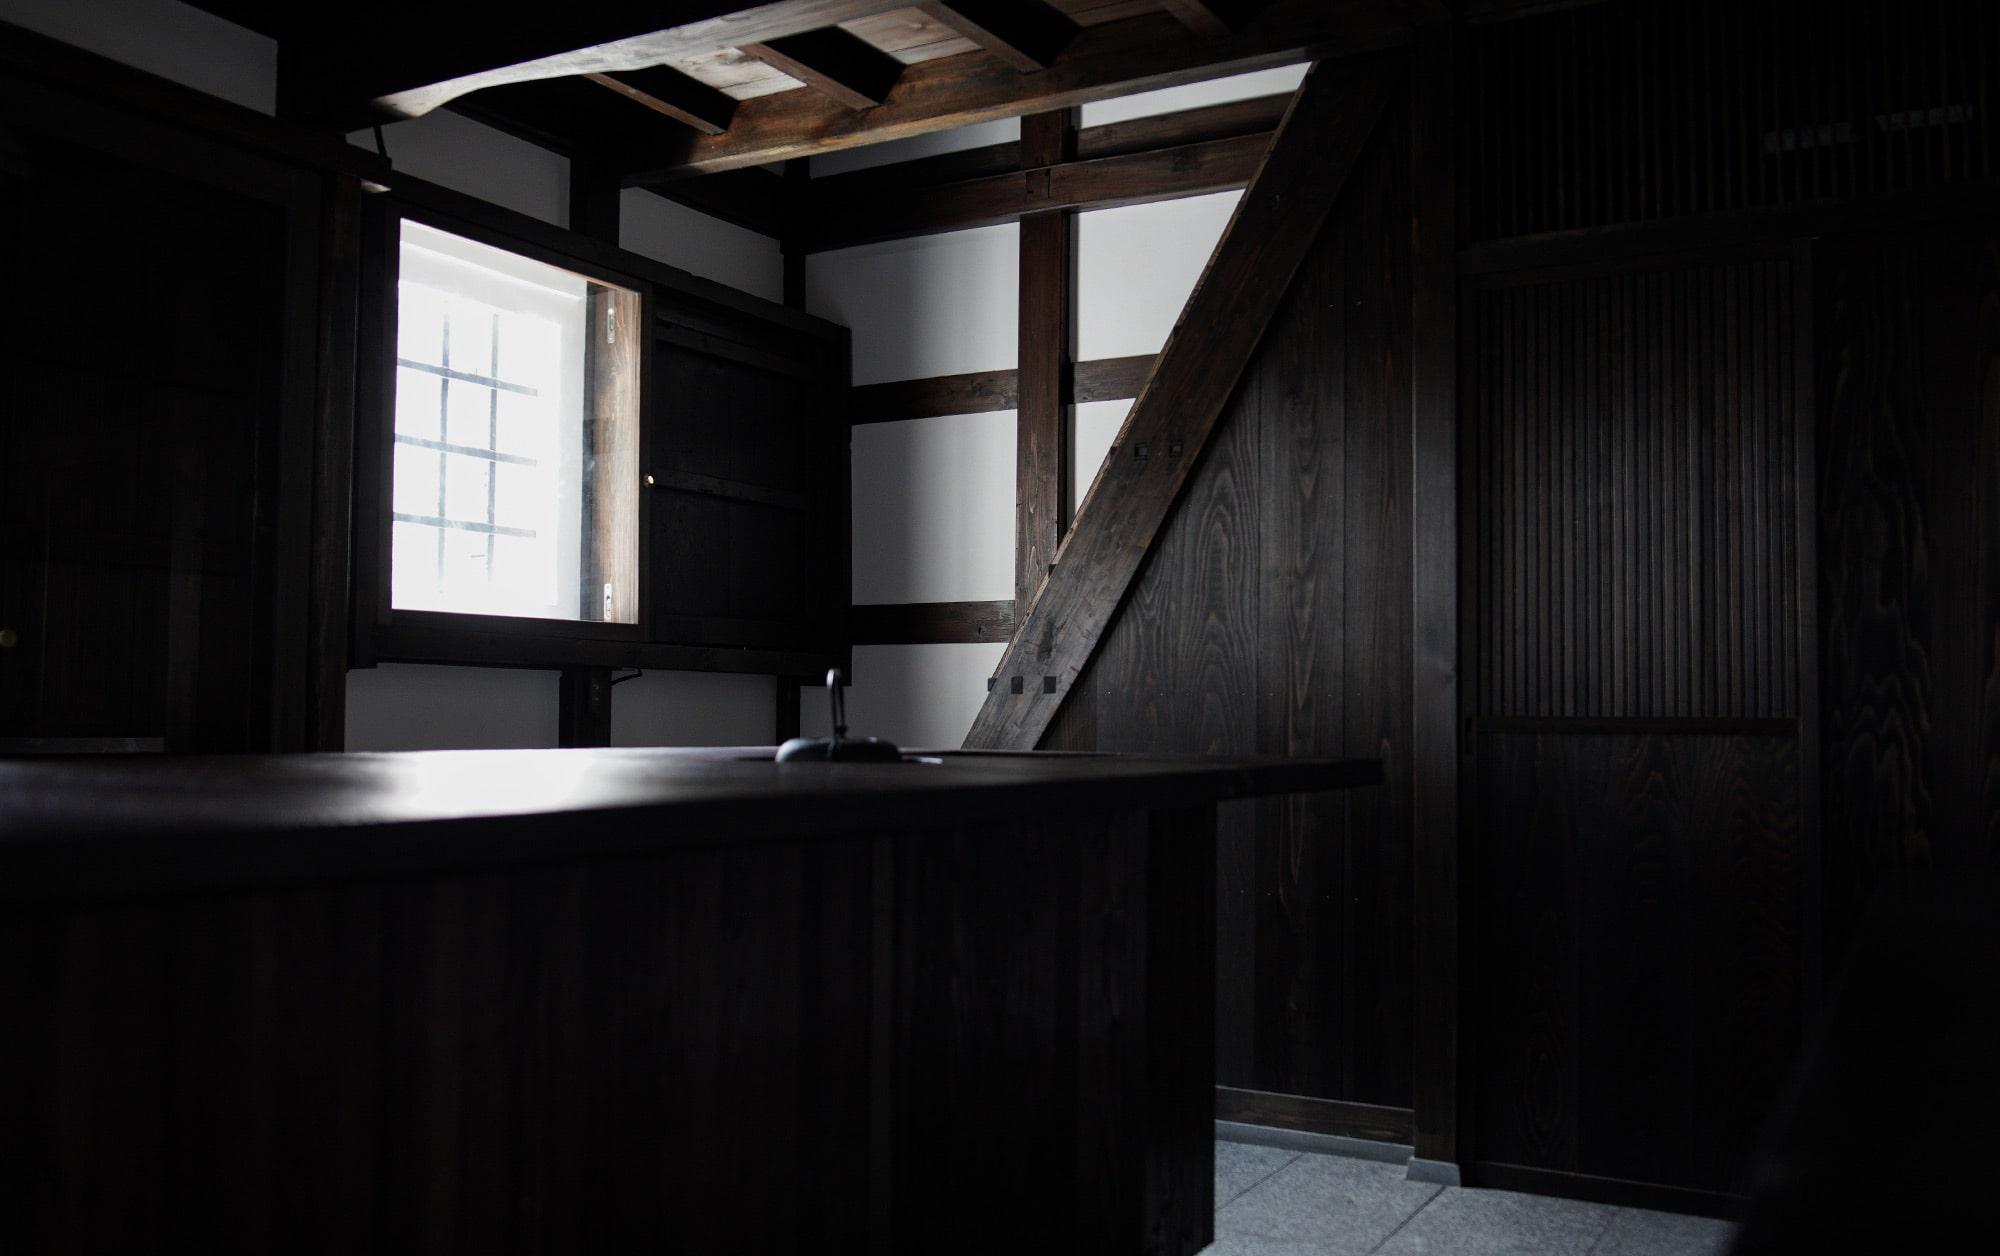 甘納豆かわむら Gallery|Rental space 一果の画像です。